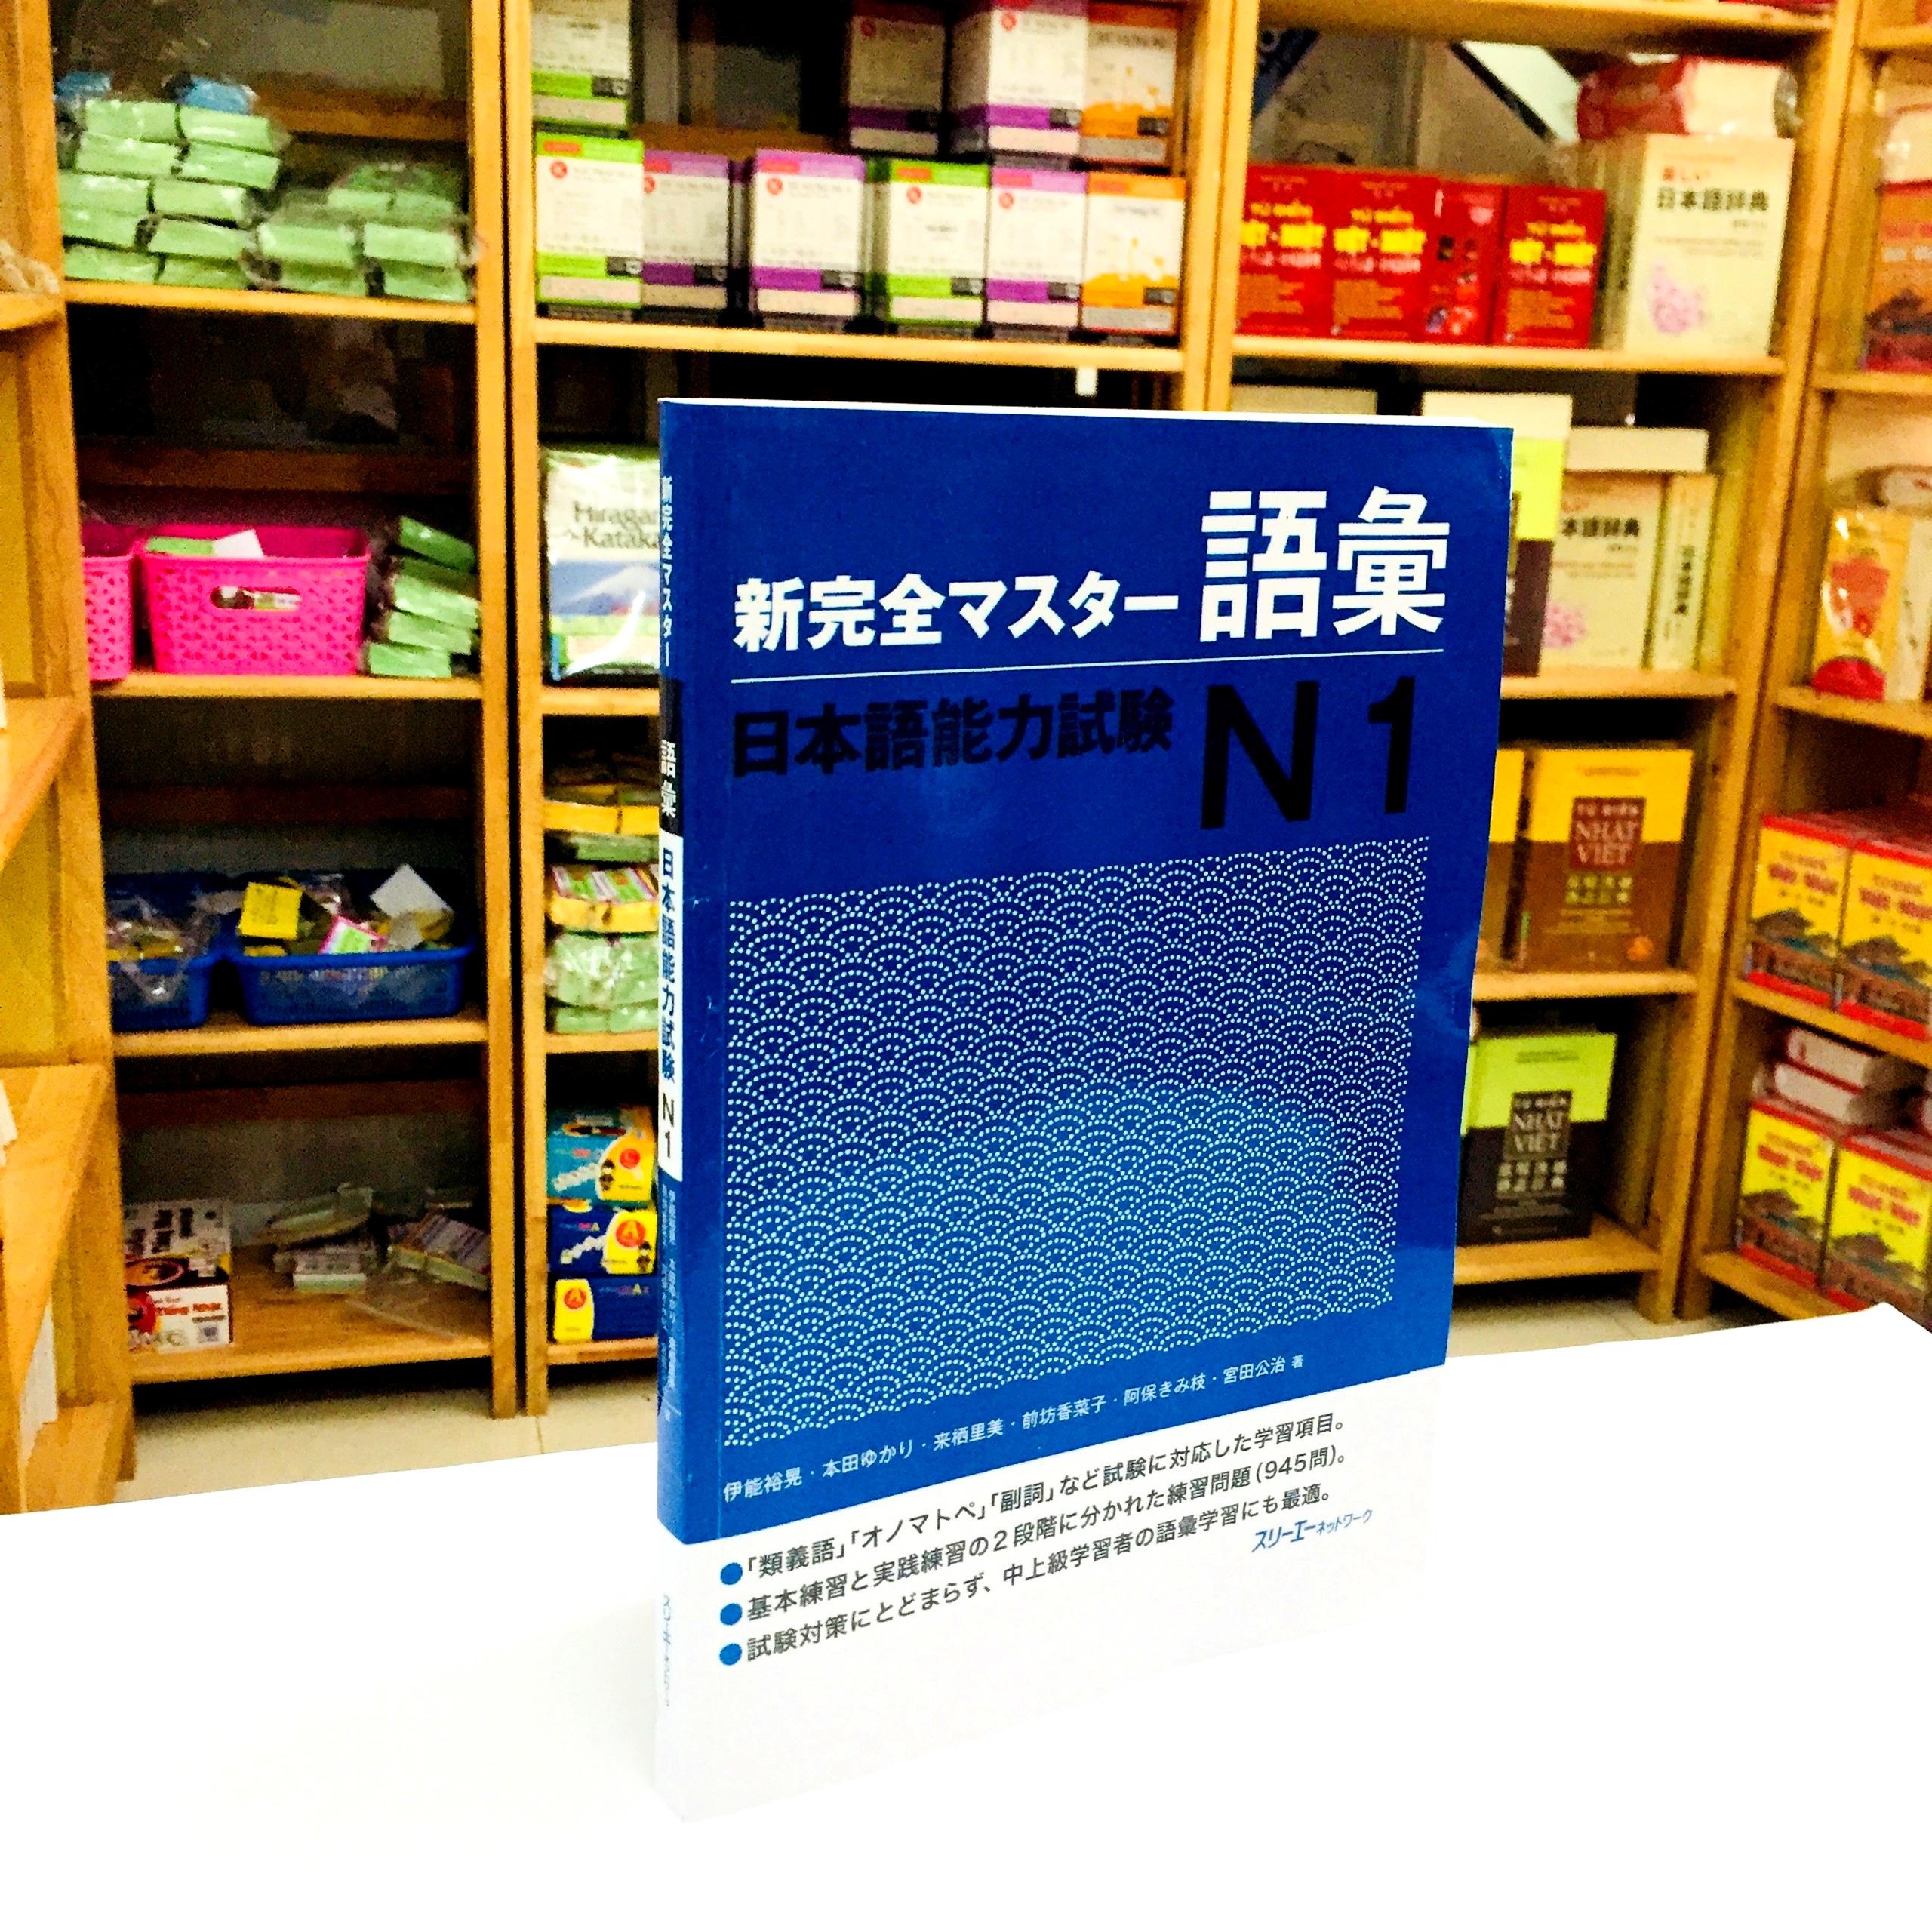 Sách luyện thi N1 Shinkansen masuta từ vựng